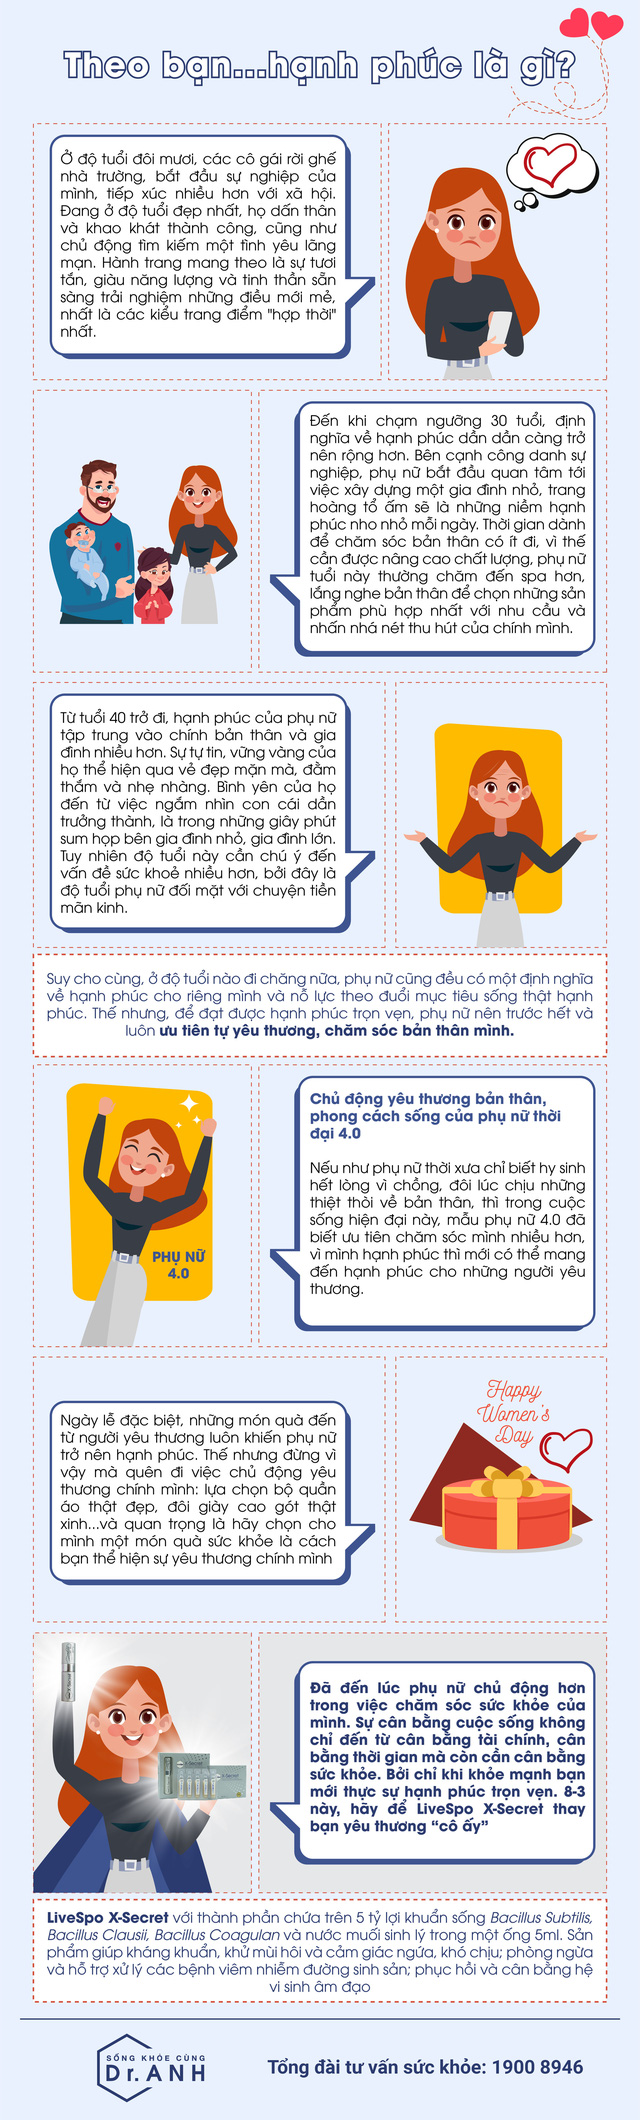 Chủ động yêu thương bản thân, phong cách sống của phụ nữ 4.0